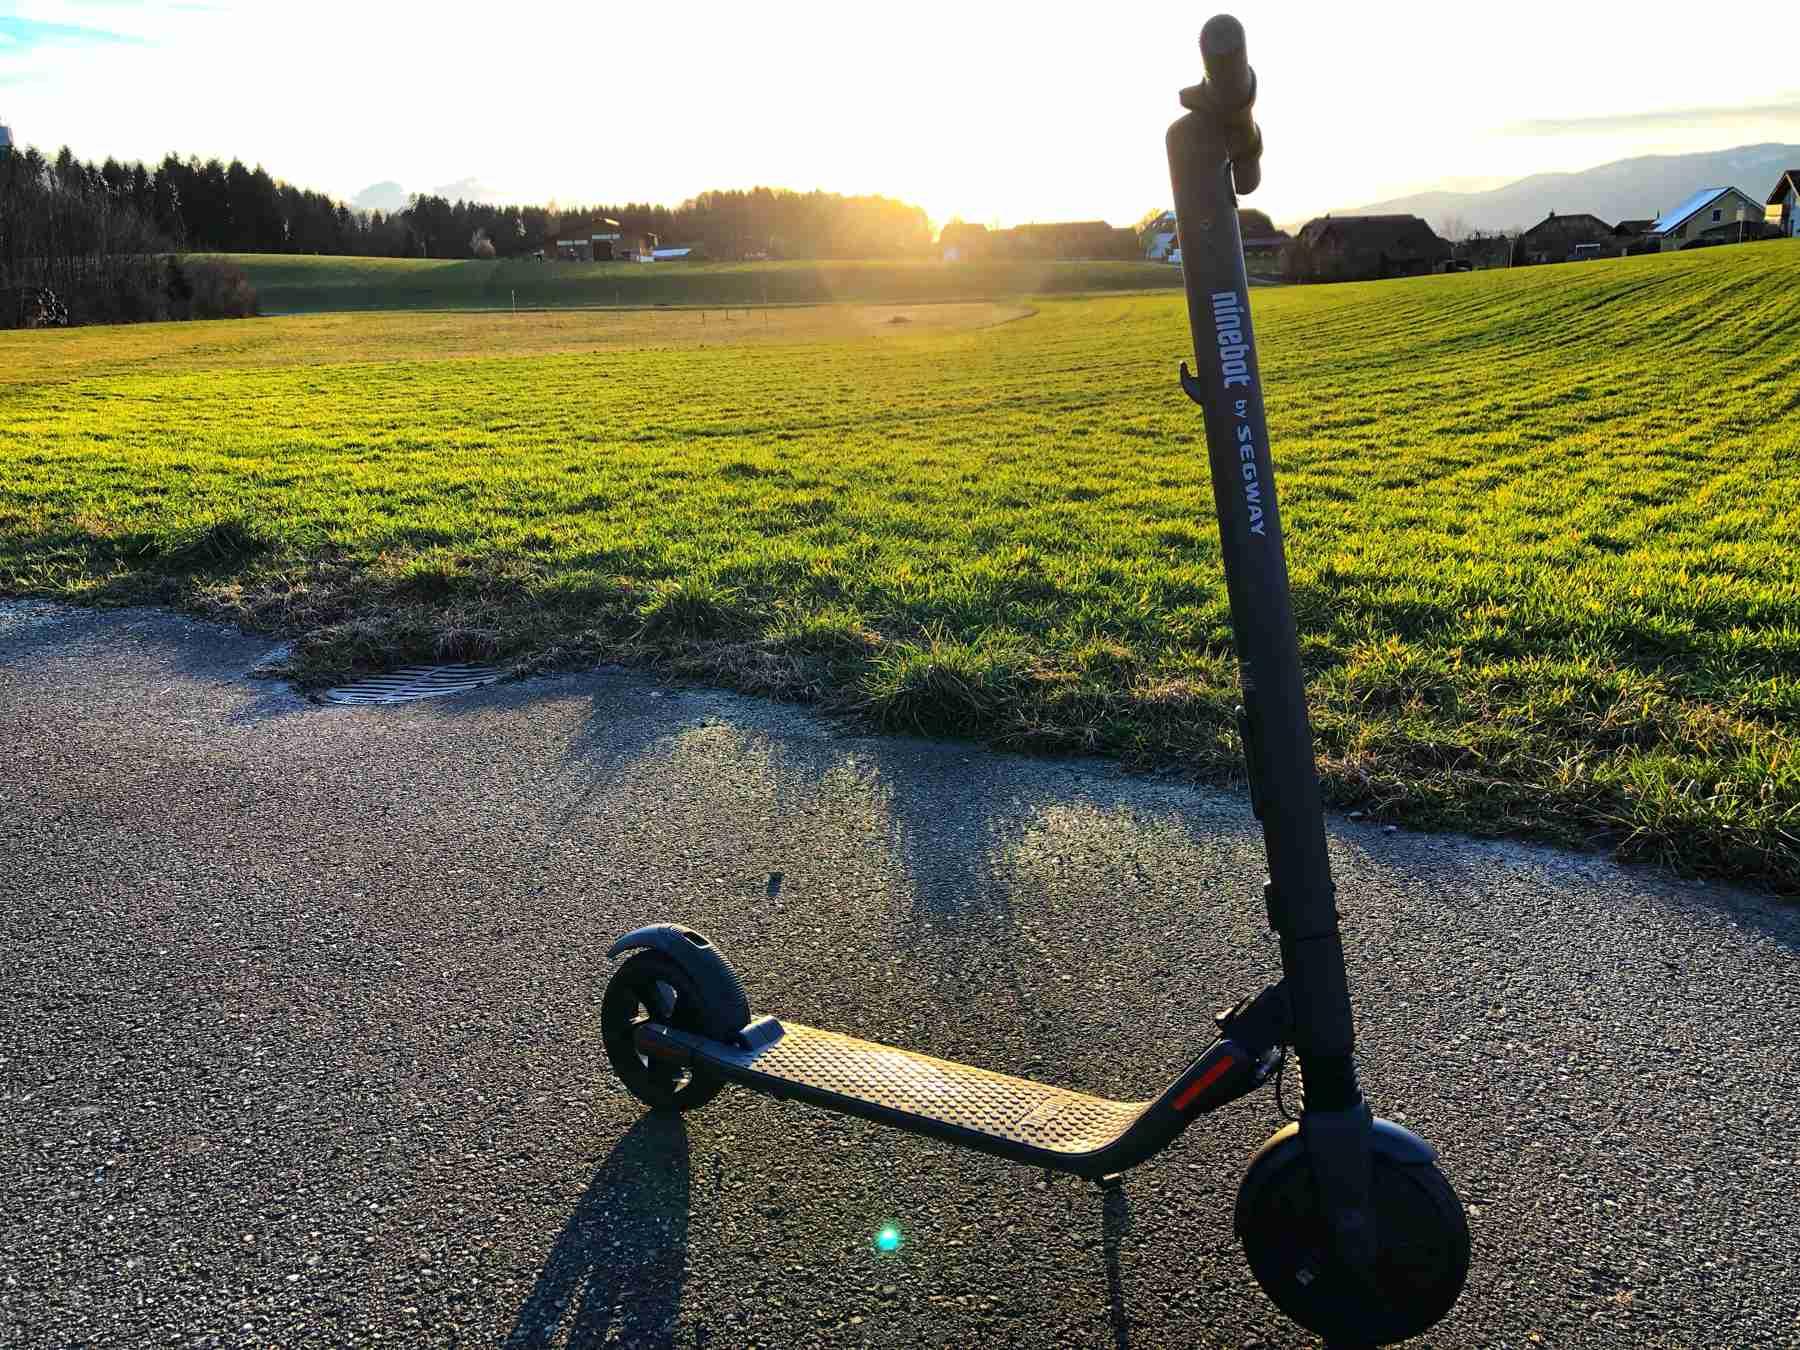 Ninebot by Segway KickScooter ES2 – E-Scooter fahren machen spass